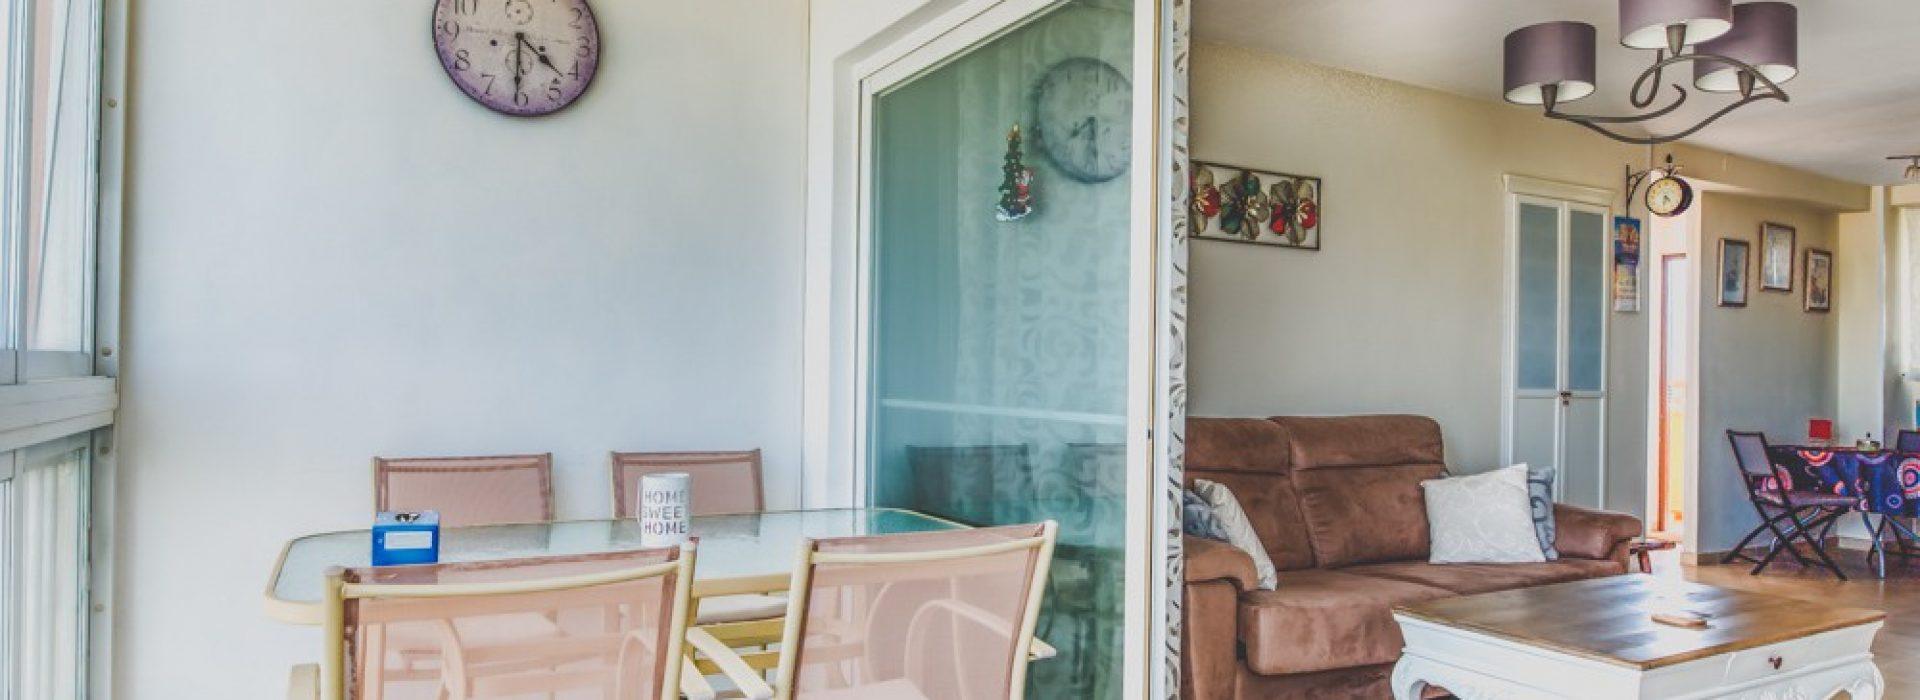 piekny-apartament-z-widokiem-na-jezioro-i-morze-w-calpe-4-24132